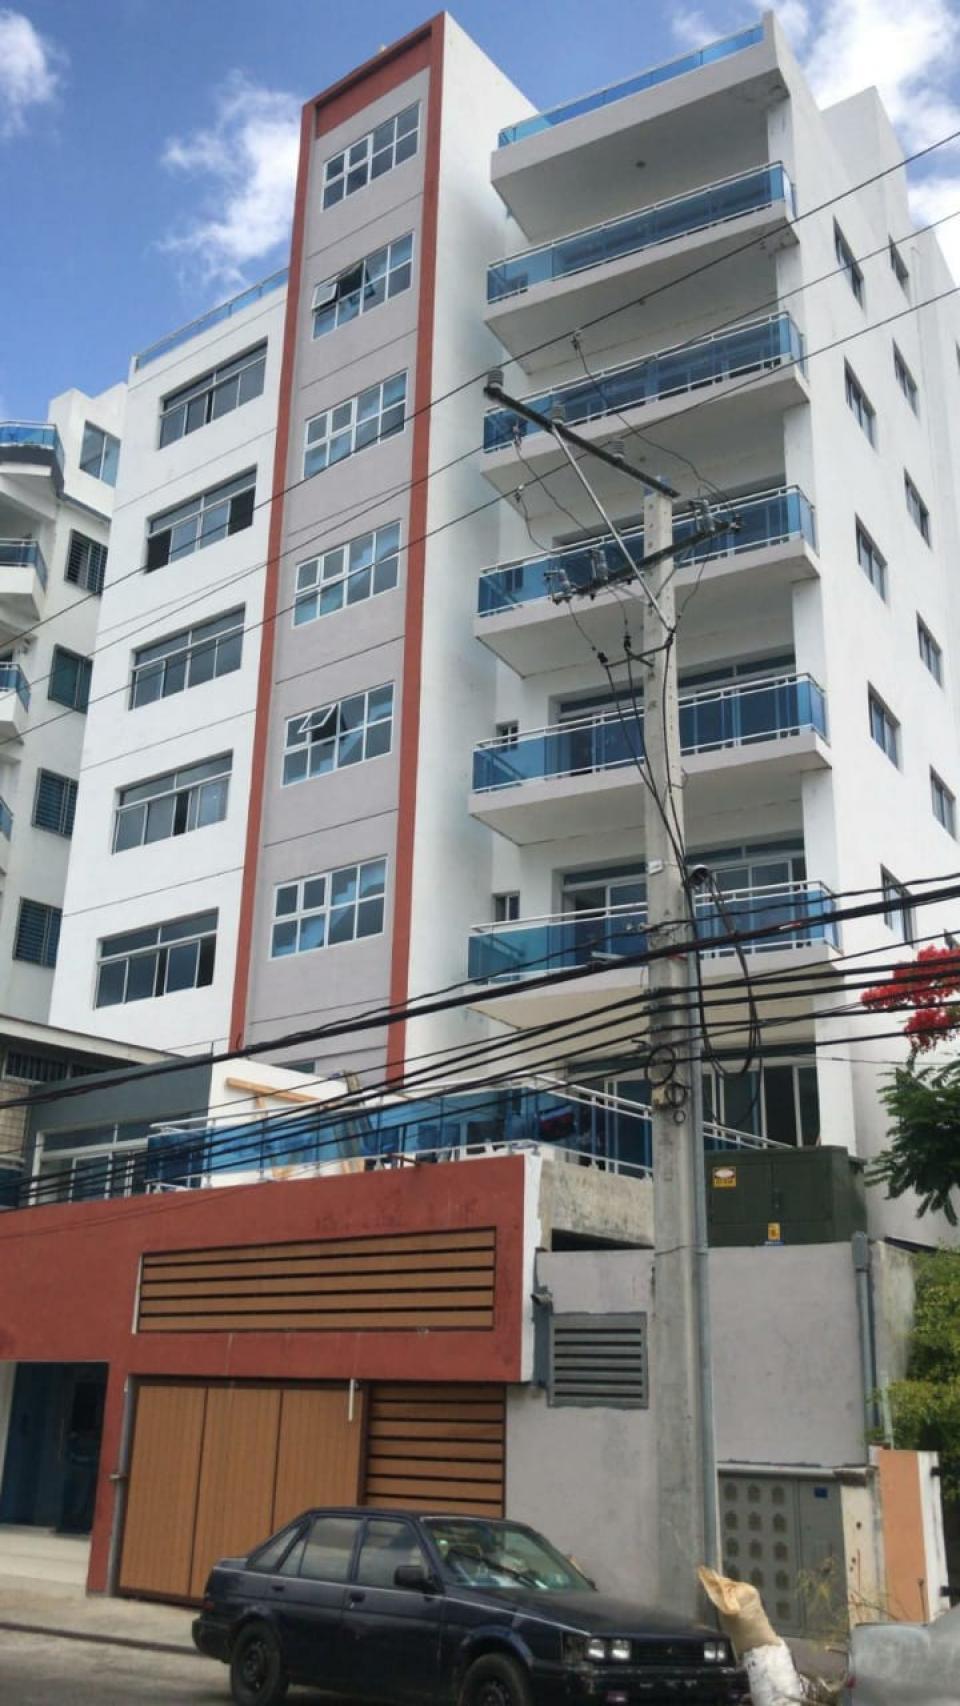 Apartamento en venta en el sector RENACIMIENTO precio US$ 207,775.00 US$207,775